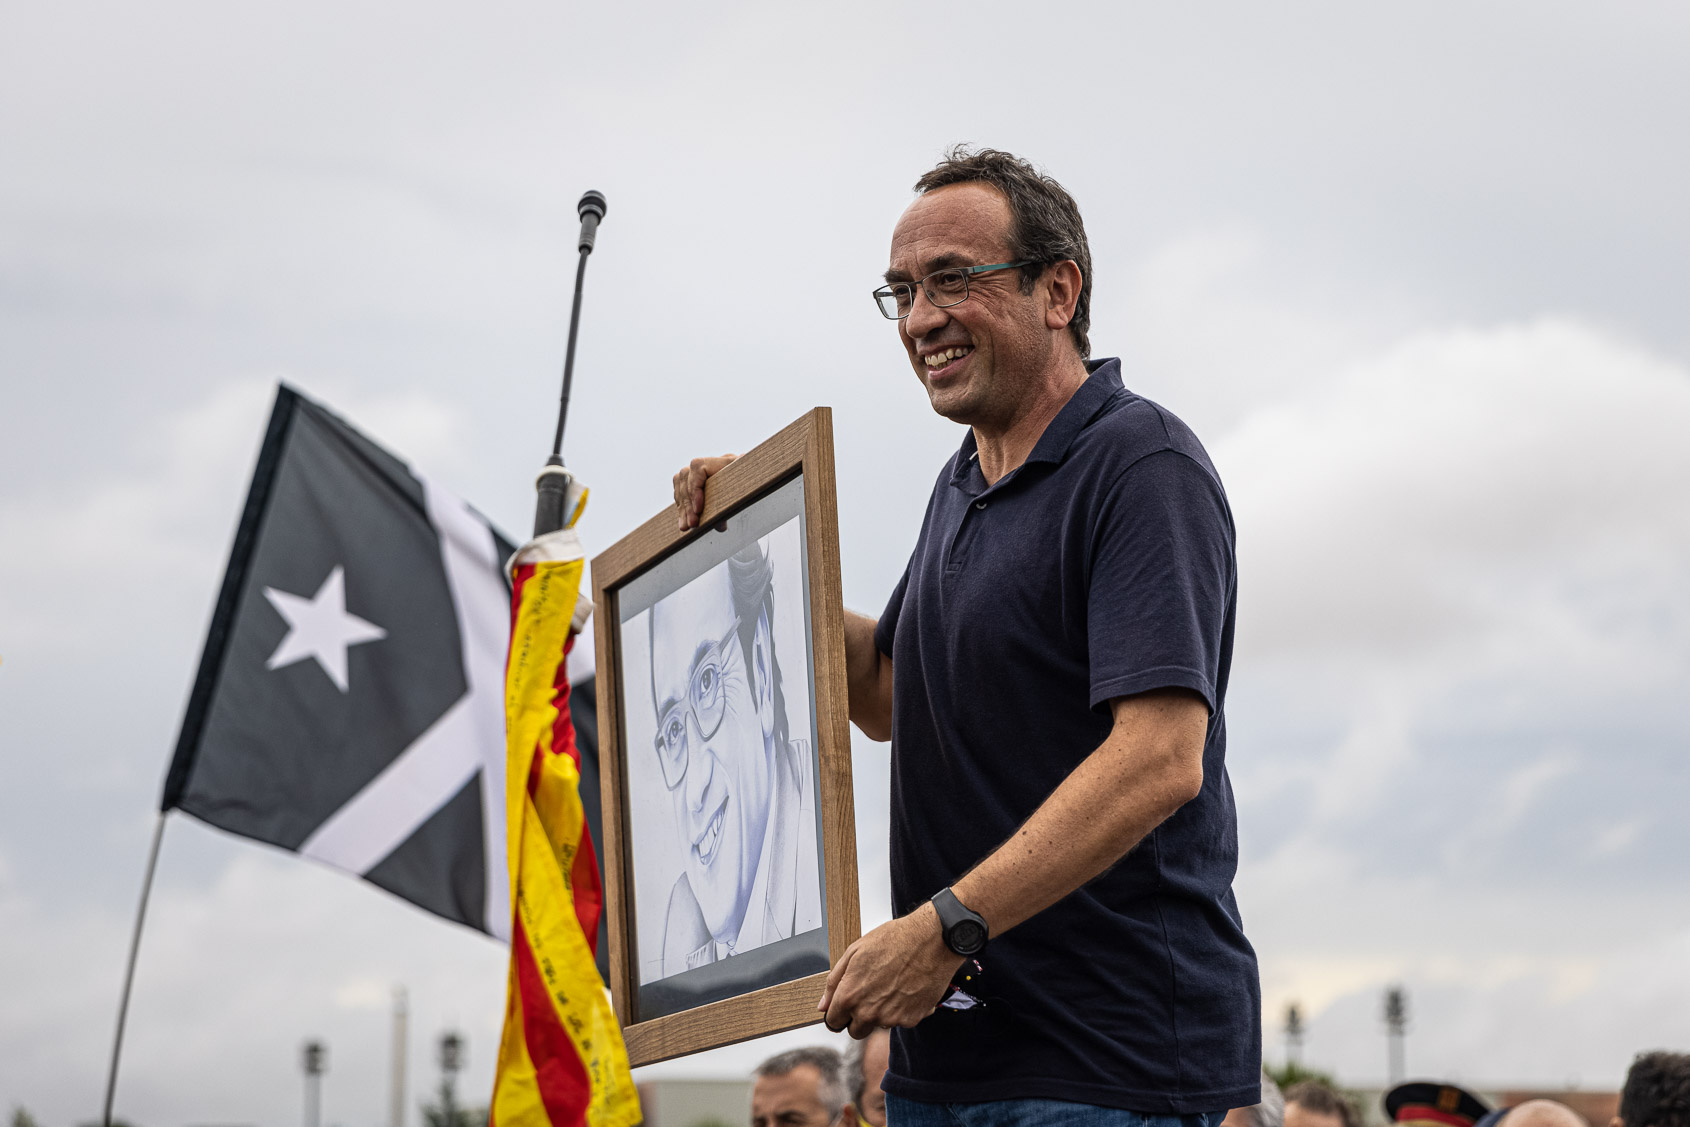 Josep Rull, el dia de l'alliberament dels presos polítics de l'1-O per l'indult, a la sortida de Lledoners / Jordi Borràs